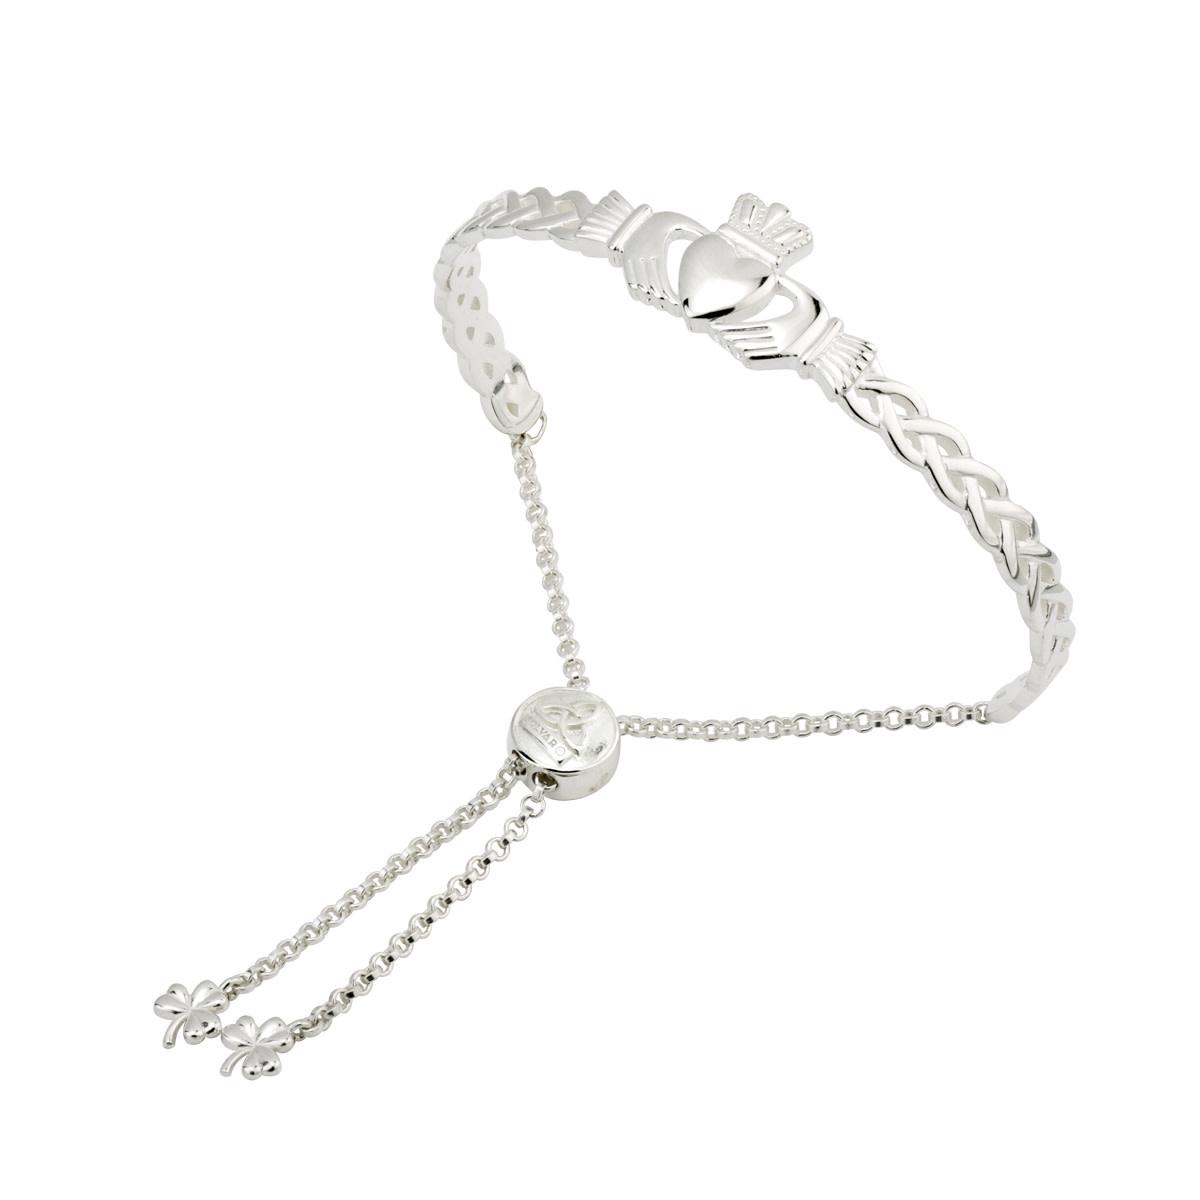 Bracelet: SS Part Bangle Claddagh